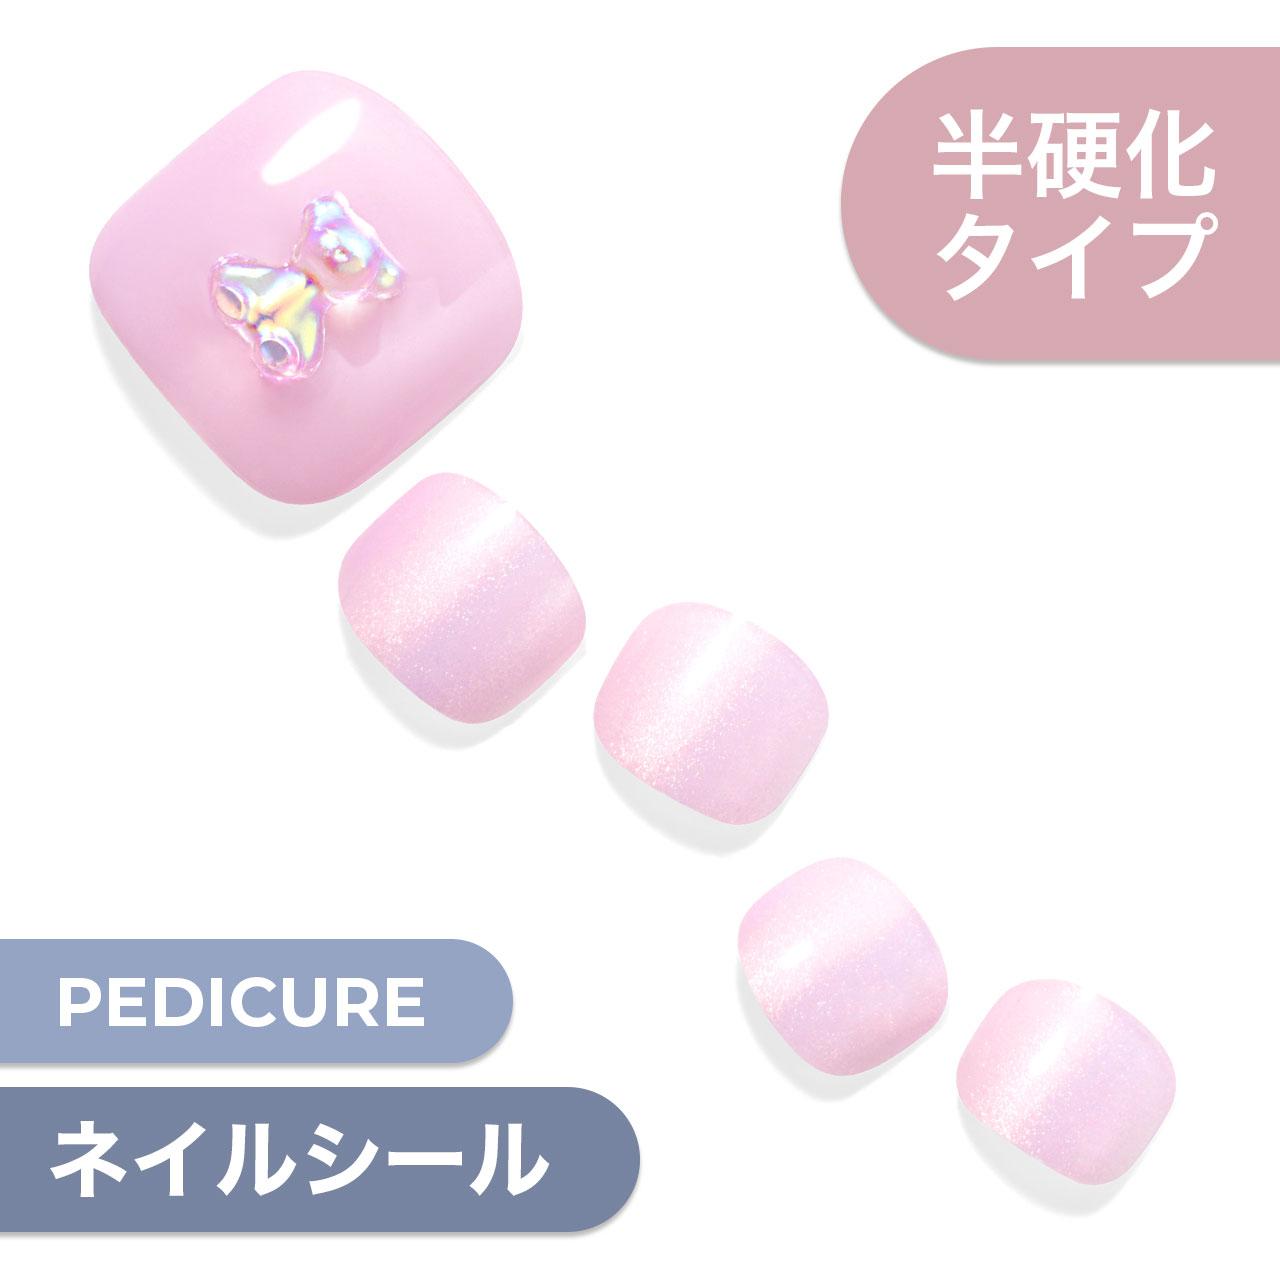 【Lilac Bear】ダッシングディバグレーズ ペディ